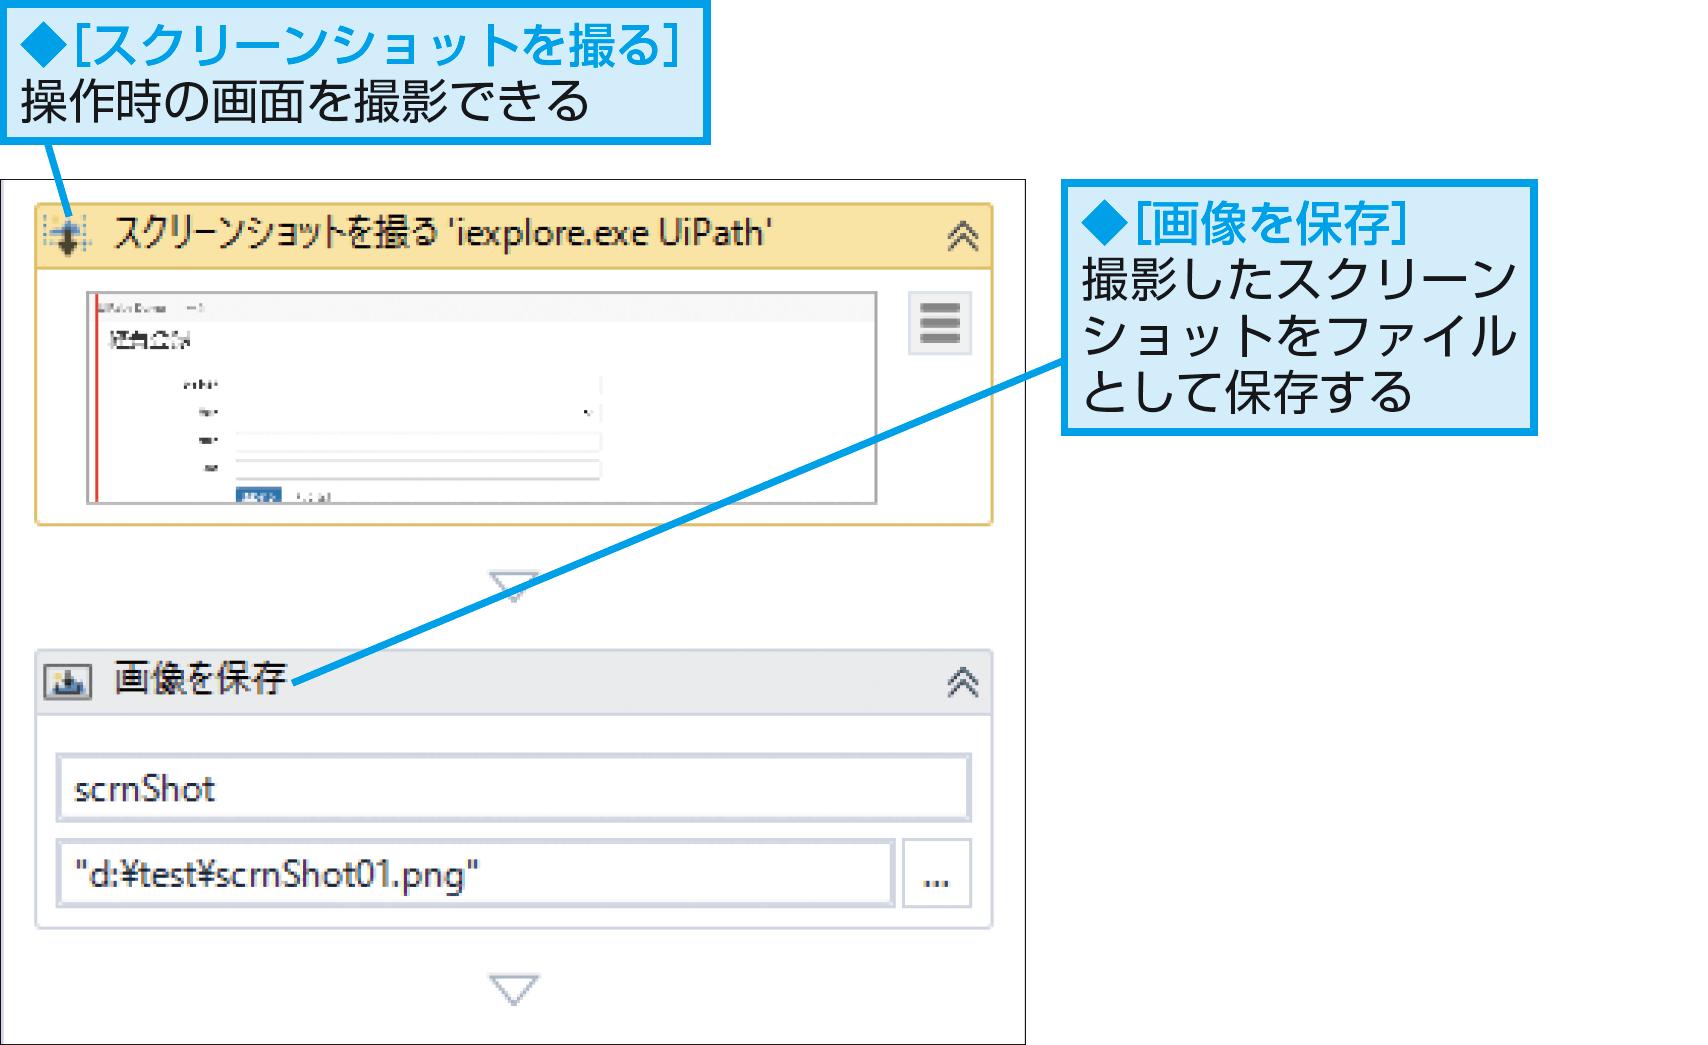 処理の途中でスクリーンショットを取得するには(スクリーンショット) - できるUiPath